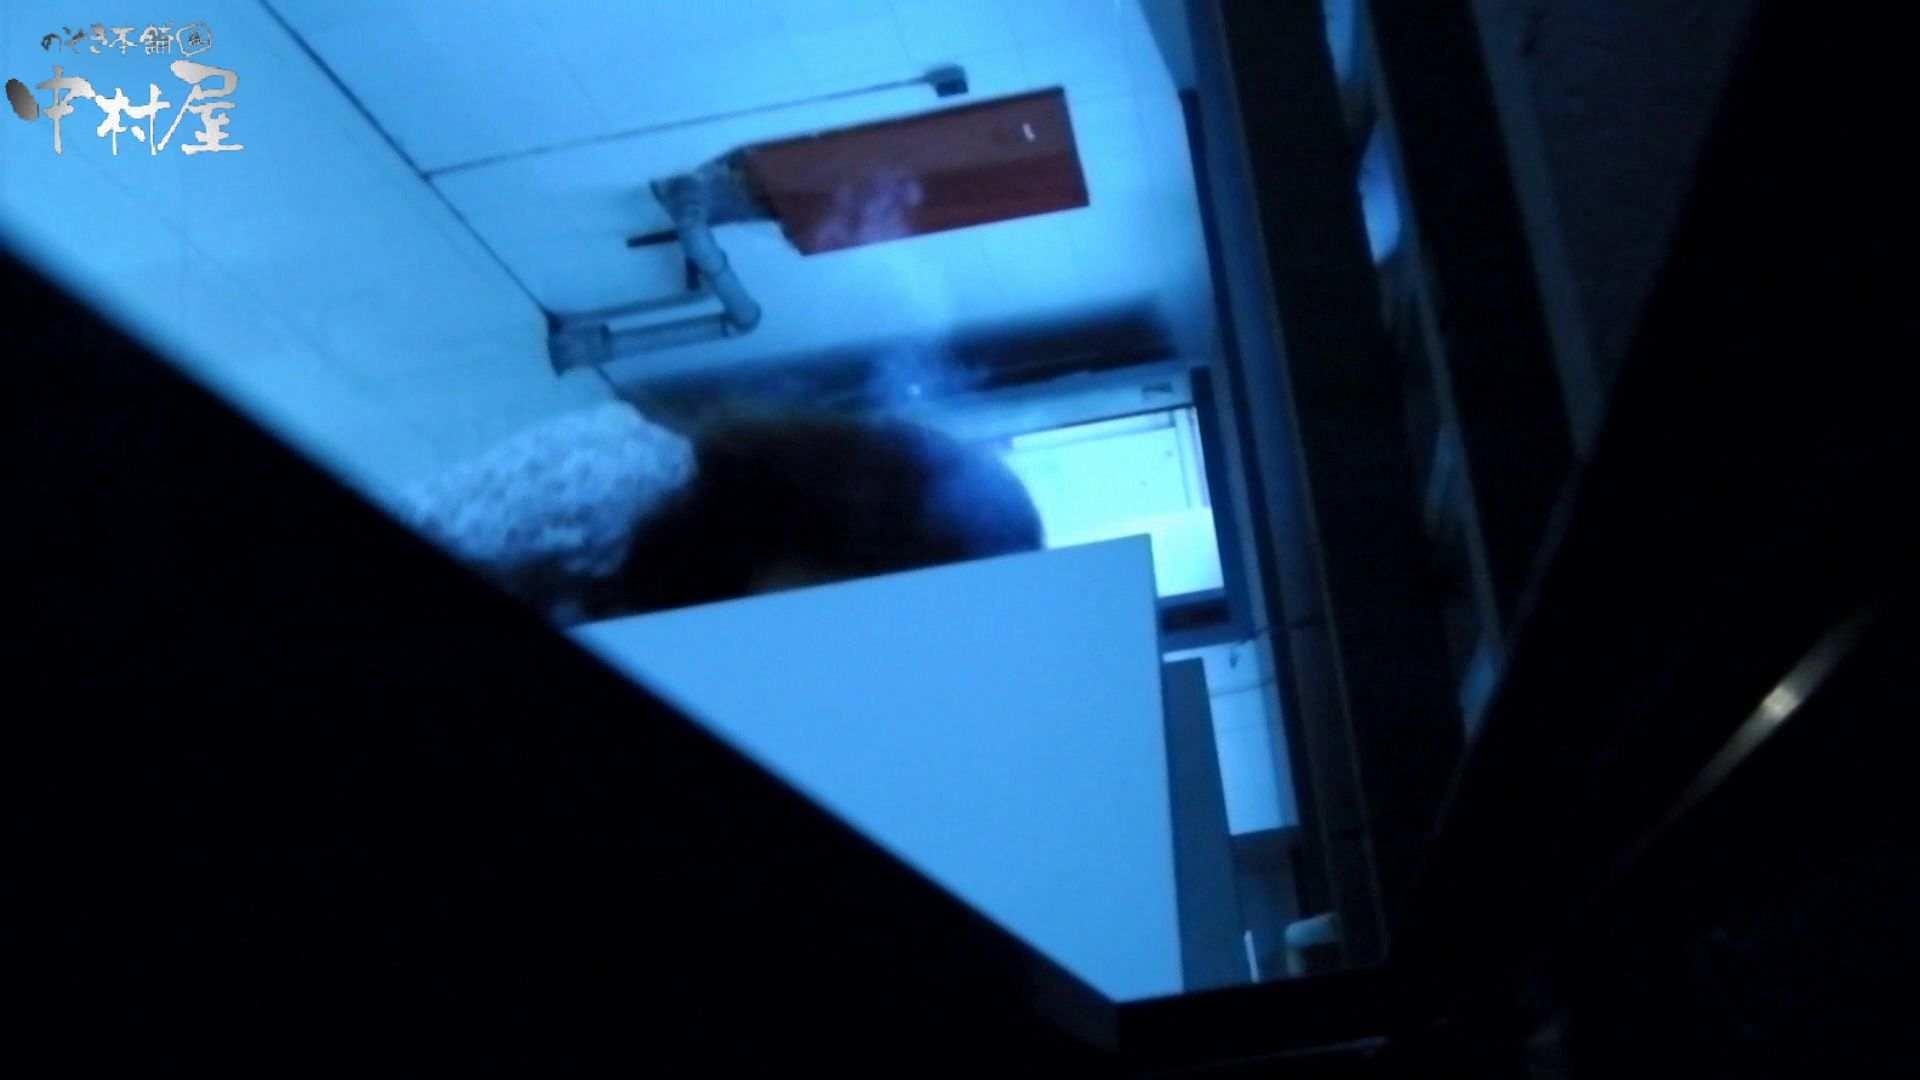 新世界の射窓 No72 モデル級なら個室から飛び出て追っかけます 0  56連発 8